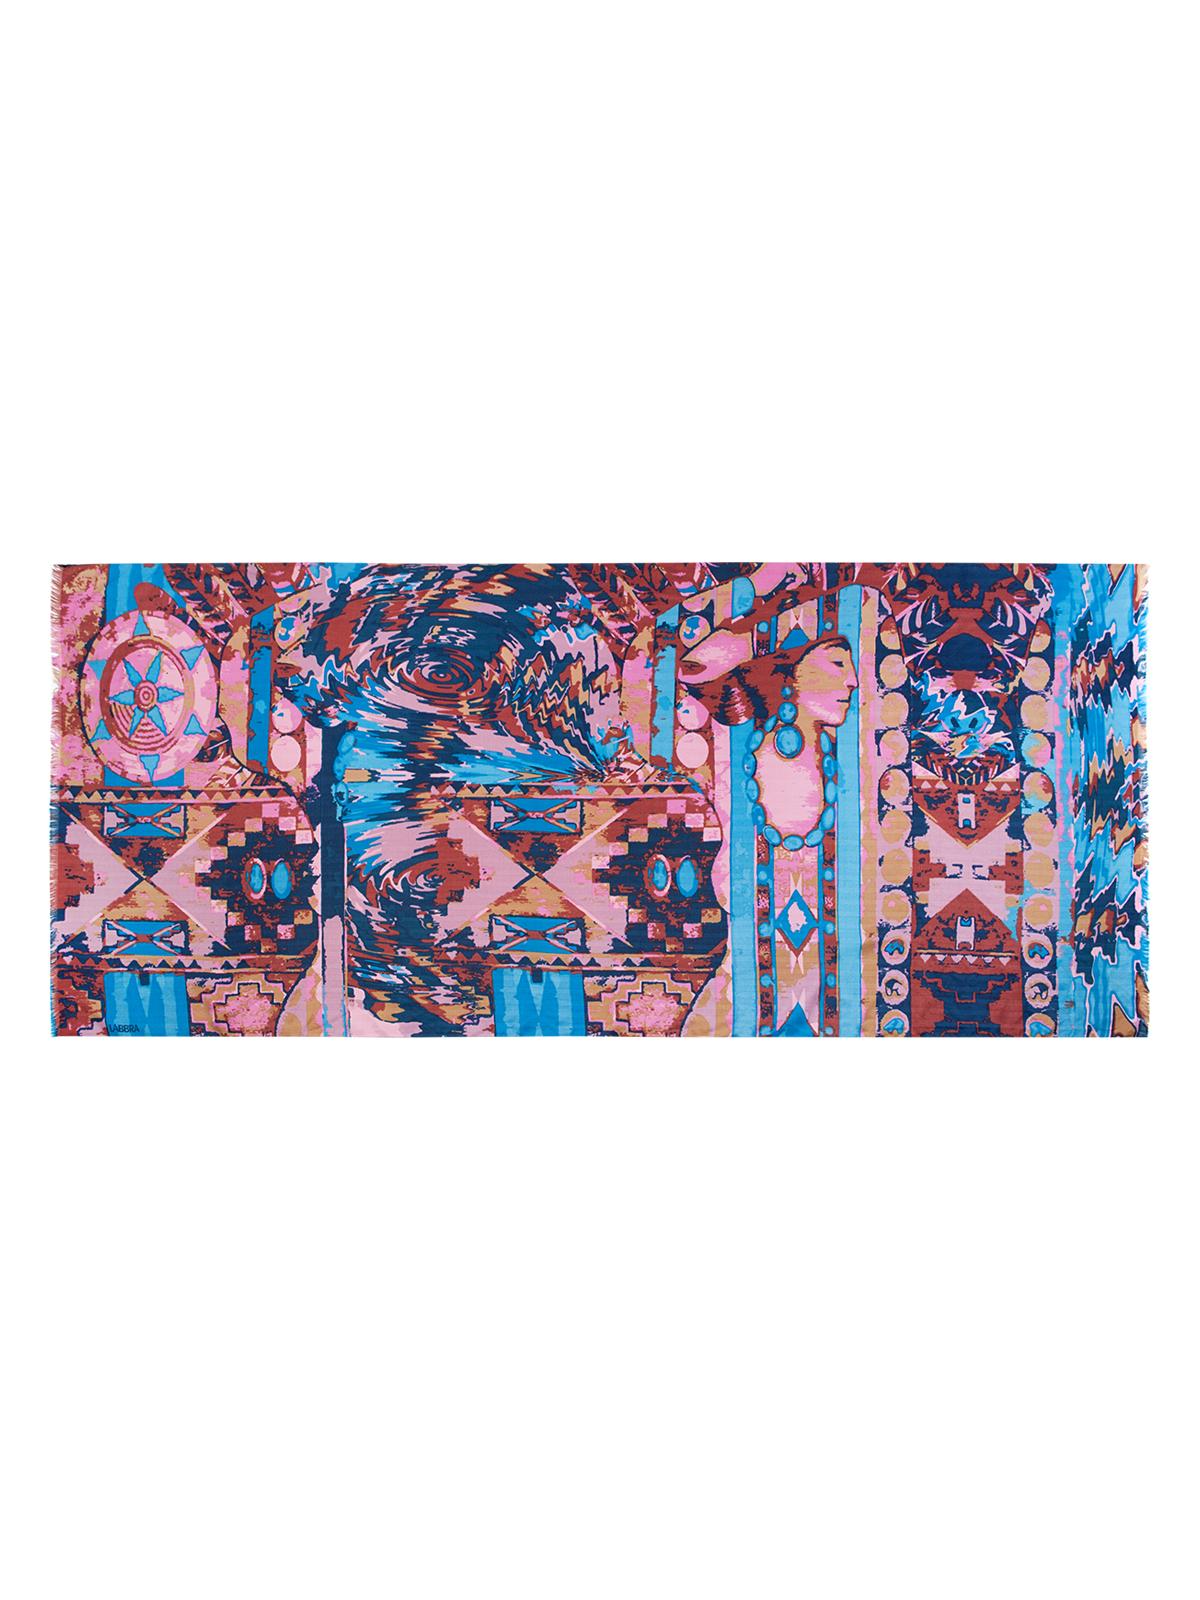 Палантин Labbra, цвет: темно-синий, мультицвет. LSZ33-527. Размер 70 см х 180 смLSZ33-527Палантин от Labbra изготовлен из вискозы с добавлением шерсти и оформлен ярким принтом. Изделие с машинной подгибкой, края декорированы бахромой.